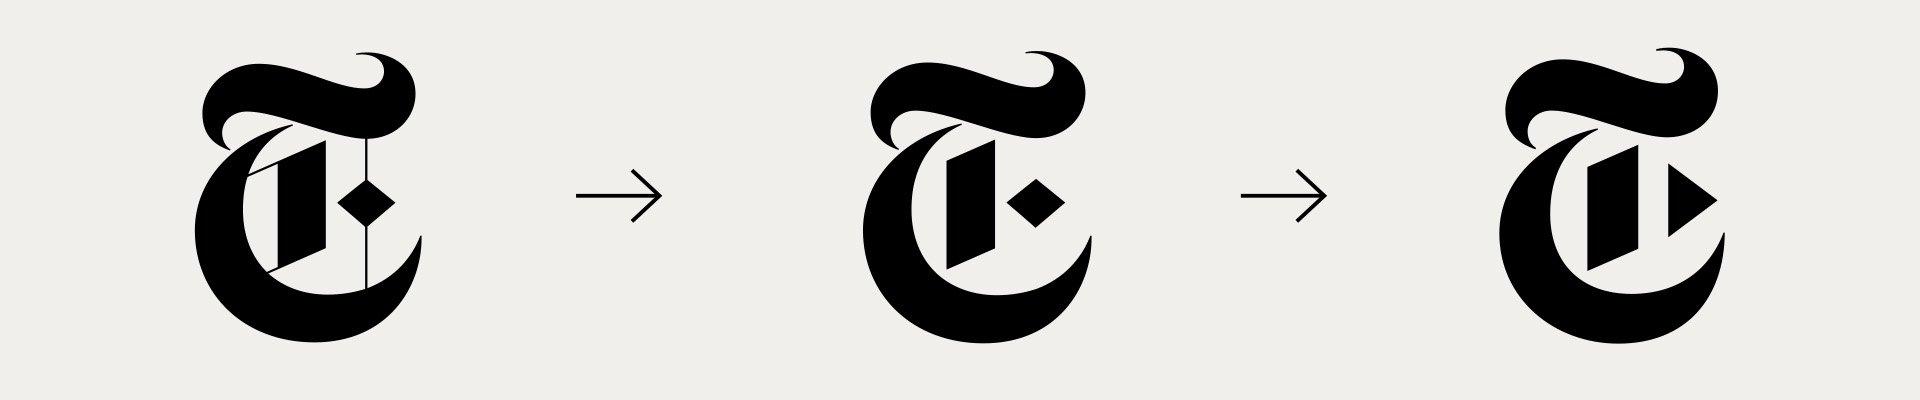 New York Times video branding logo evolution